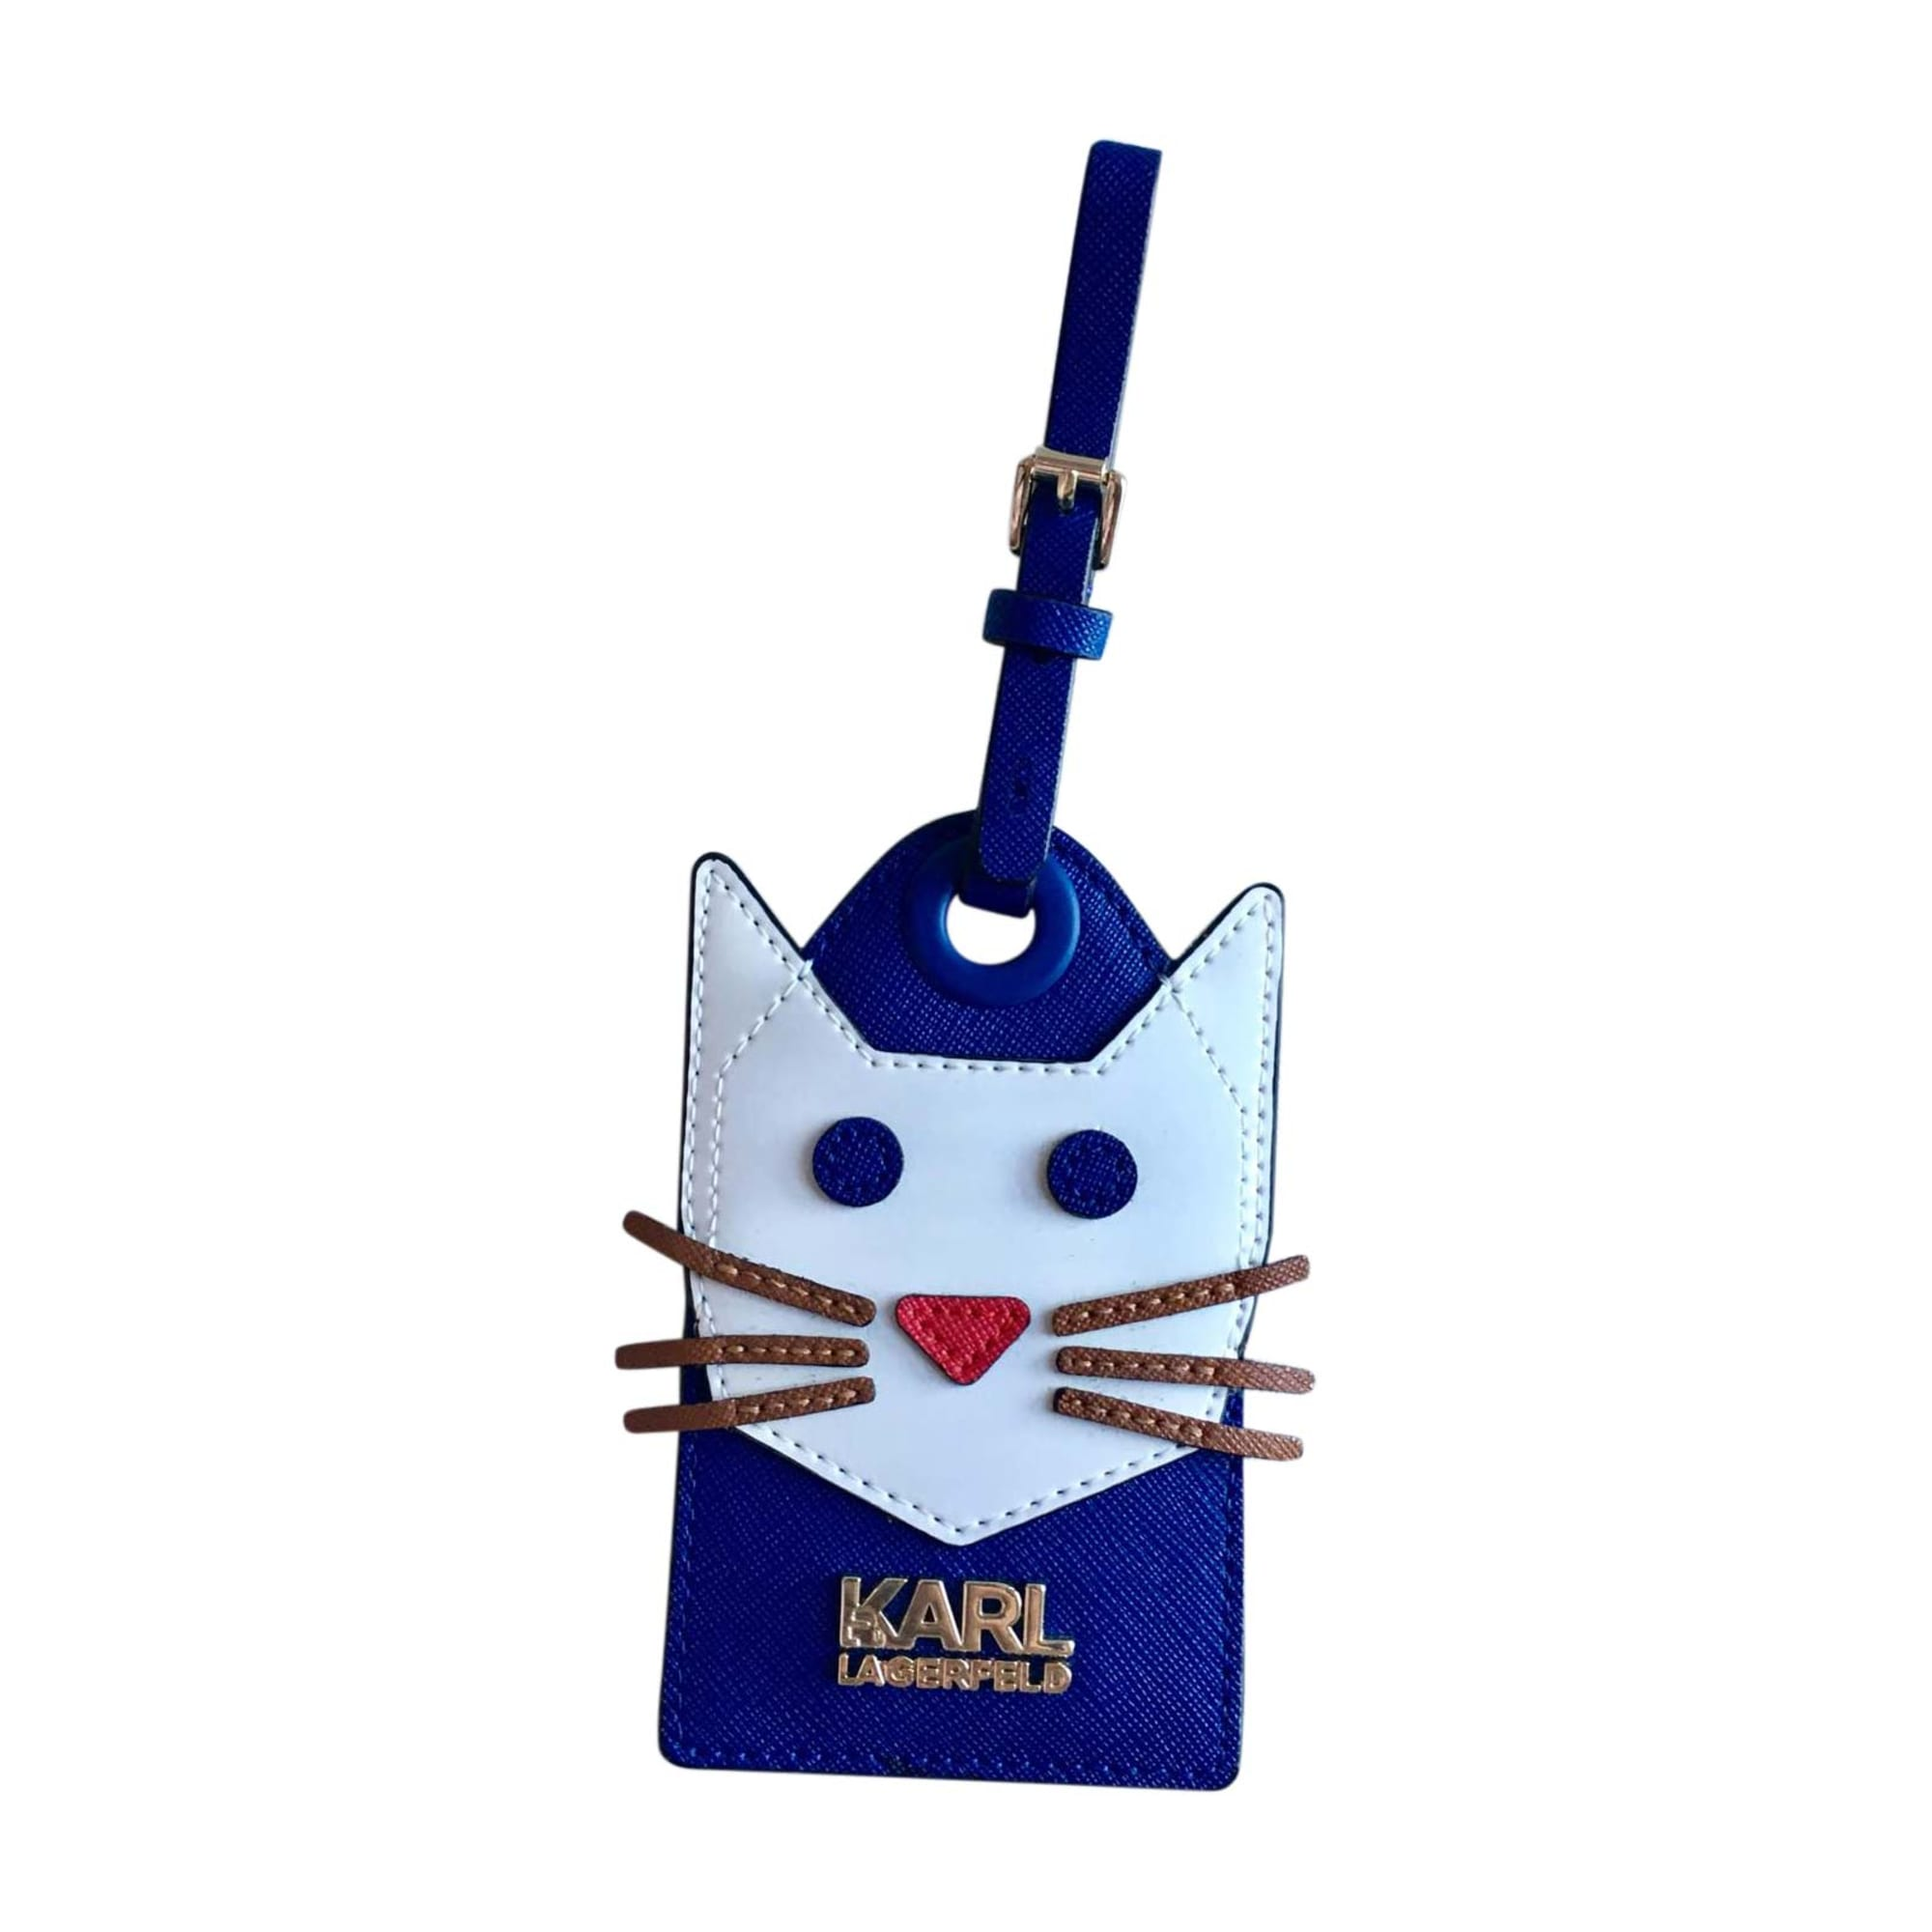 Porte-clés KARL LAGERFELD Bleu, bleu marine, bleu turquoise